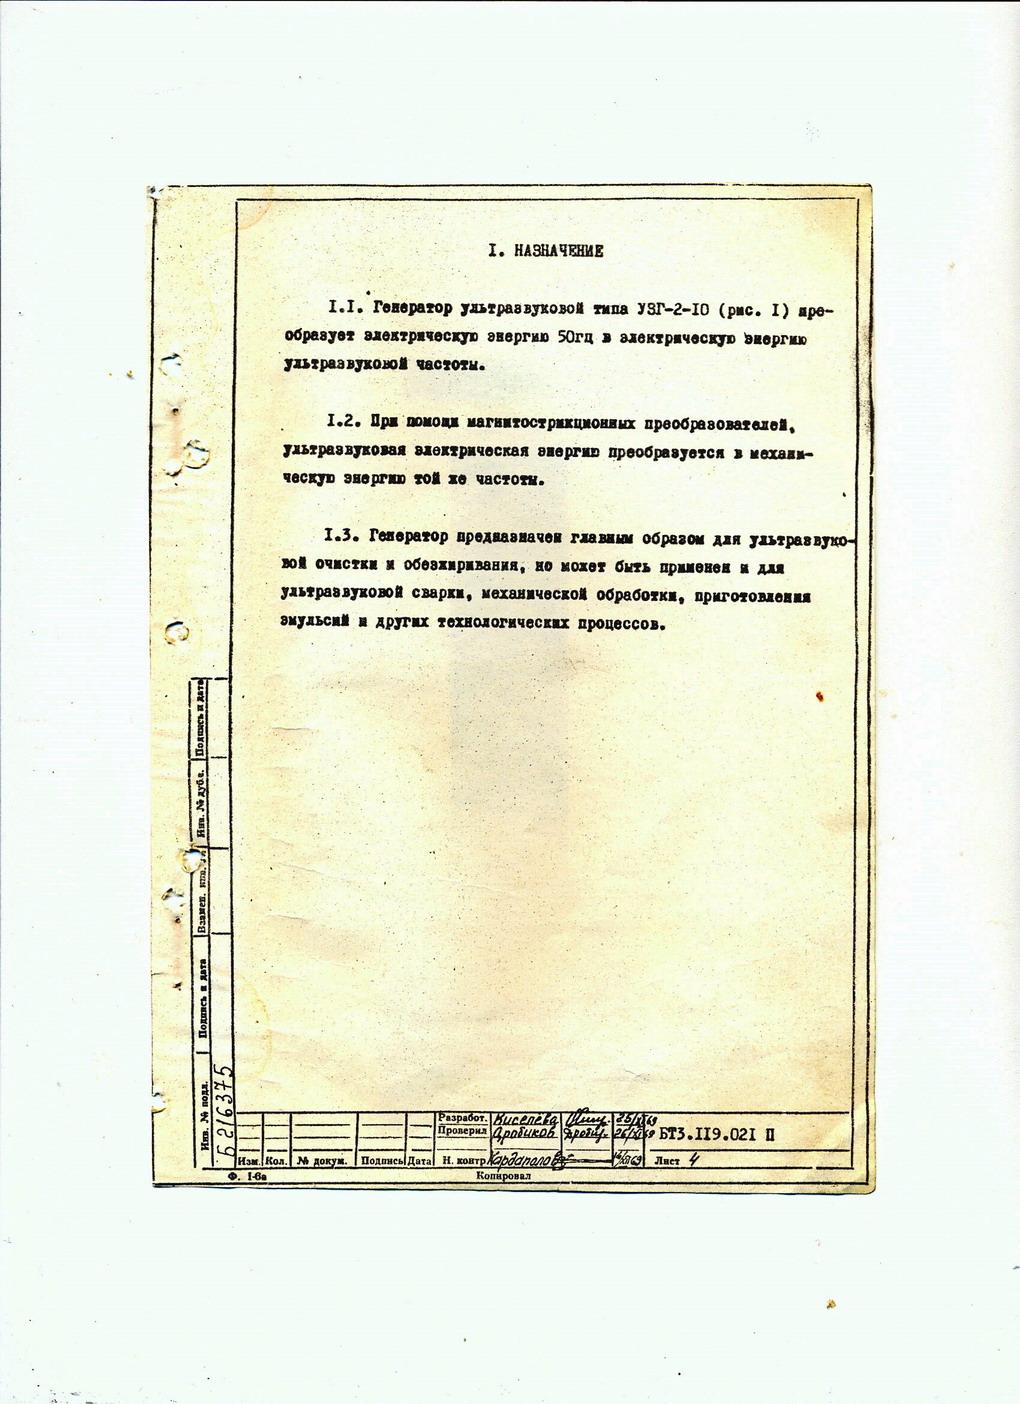 электрическая схема вл-10 с описанием